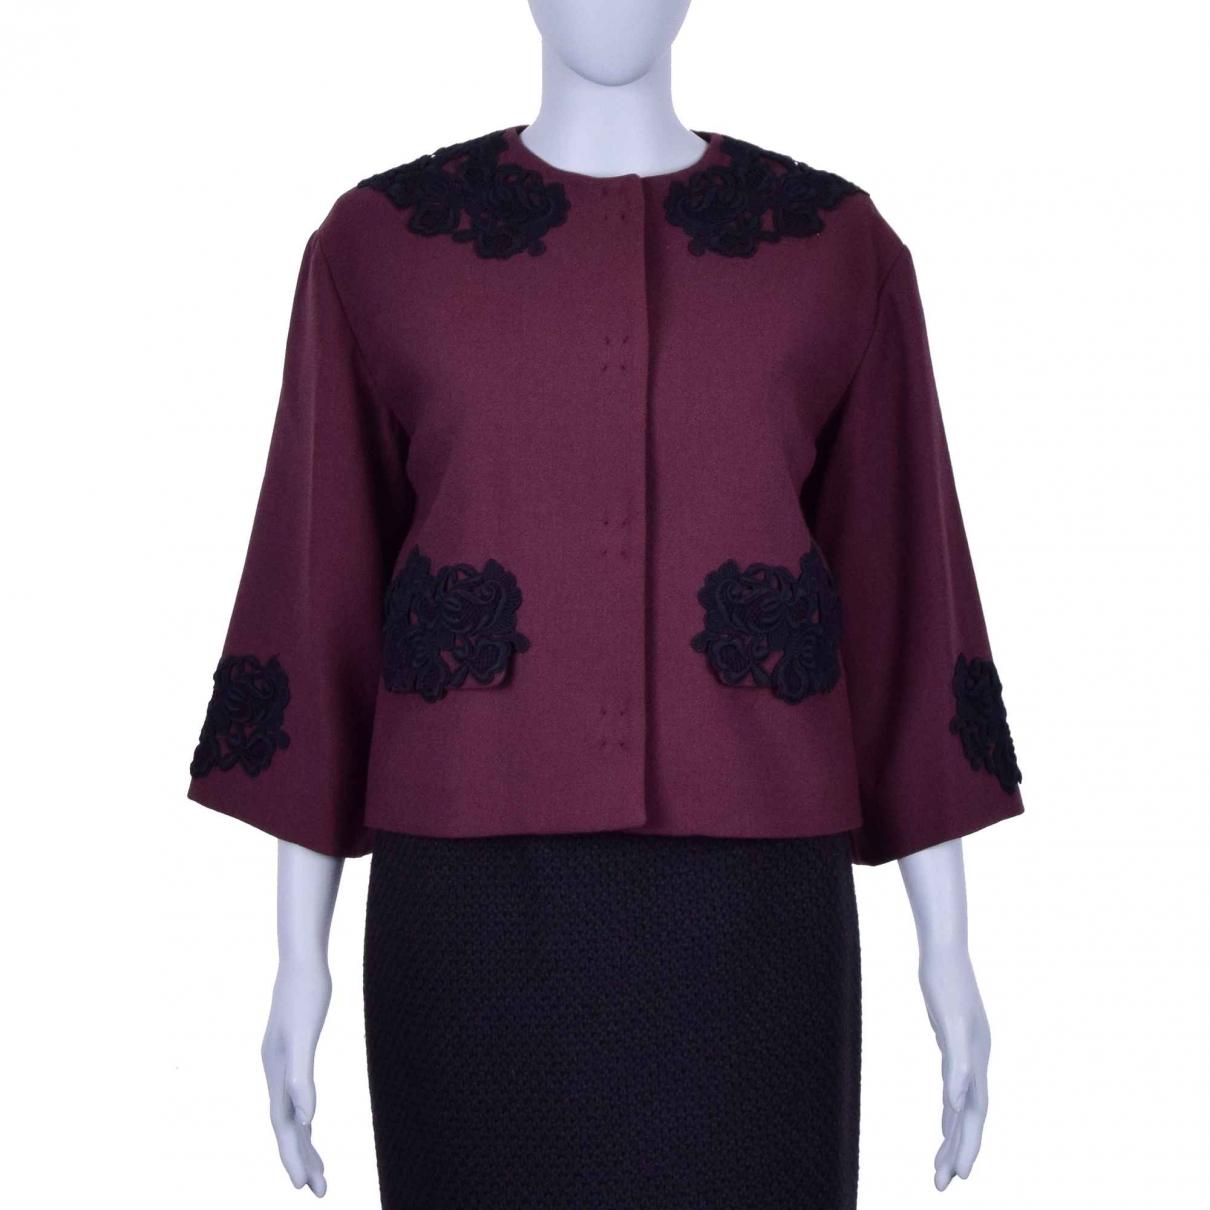 Dolce & Gabbana \N Burgundy Wool jacket for Women 46 IT